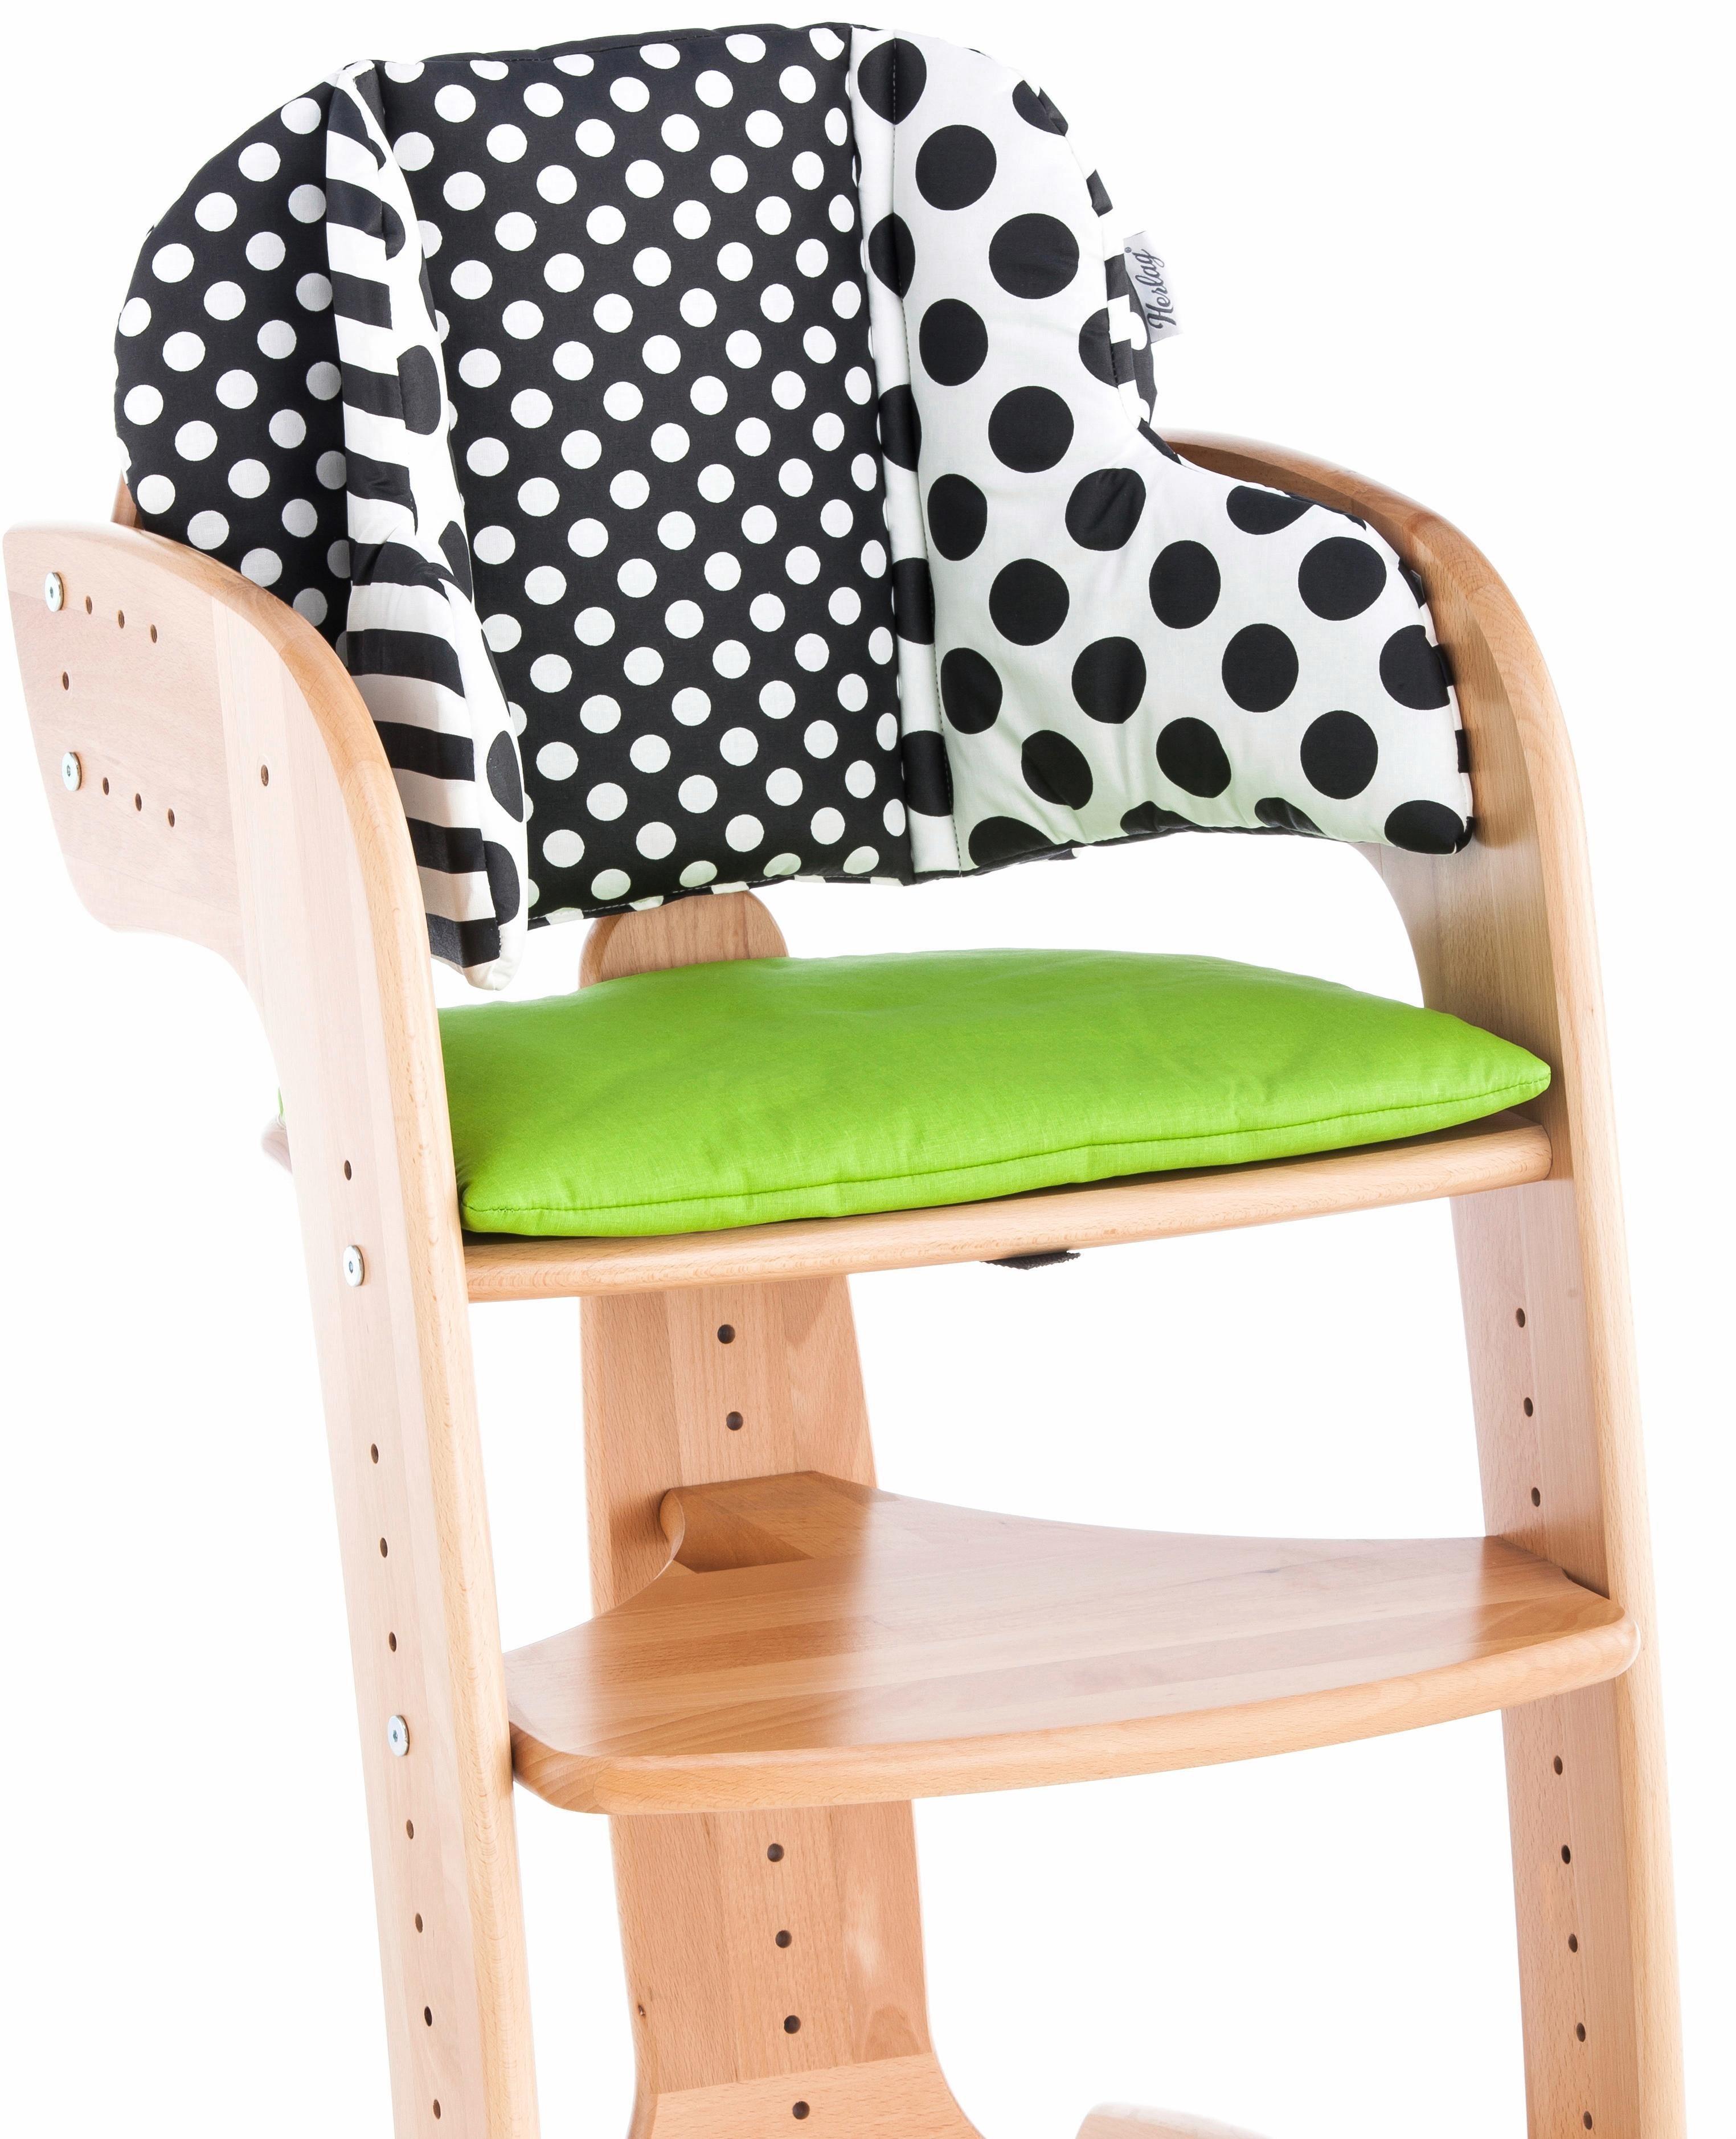 Herlag® Sitzpolster für Hochstuhl Tipp Topp Comfort IV, »grün«   Kinderzimmer > Kinderzimmerstühle > Hochstühle   Herlag